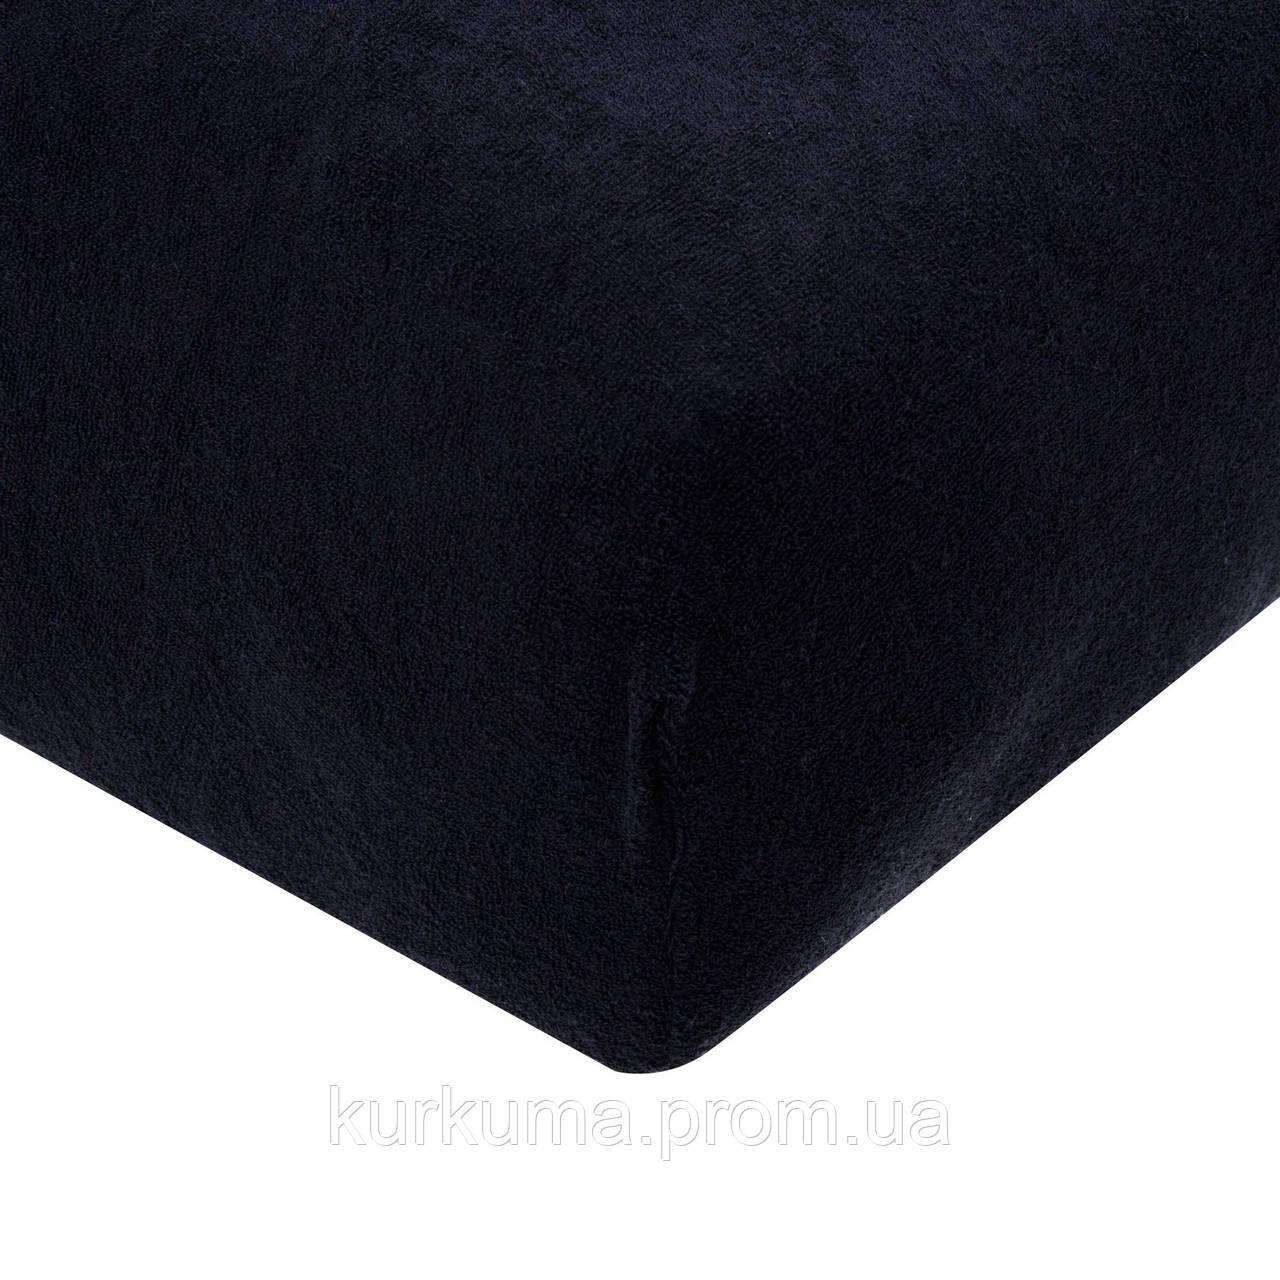 Простыня FROTTE с резинкой 180x200 см